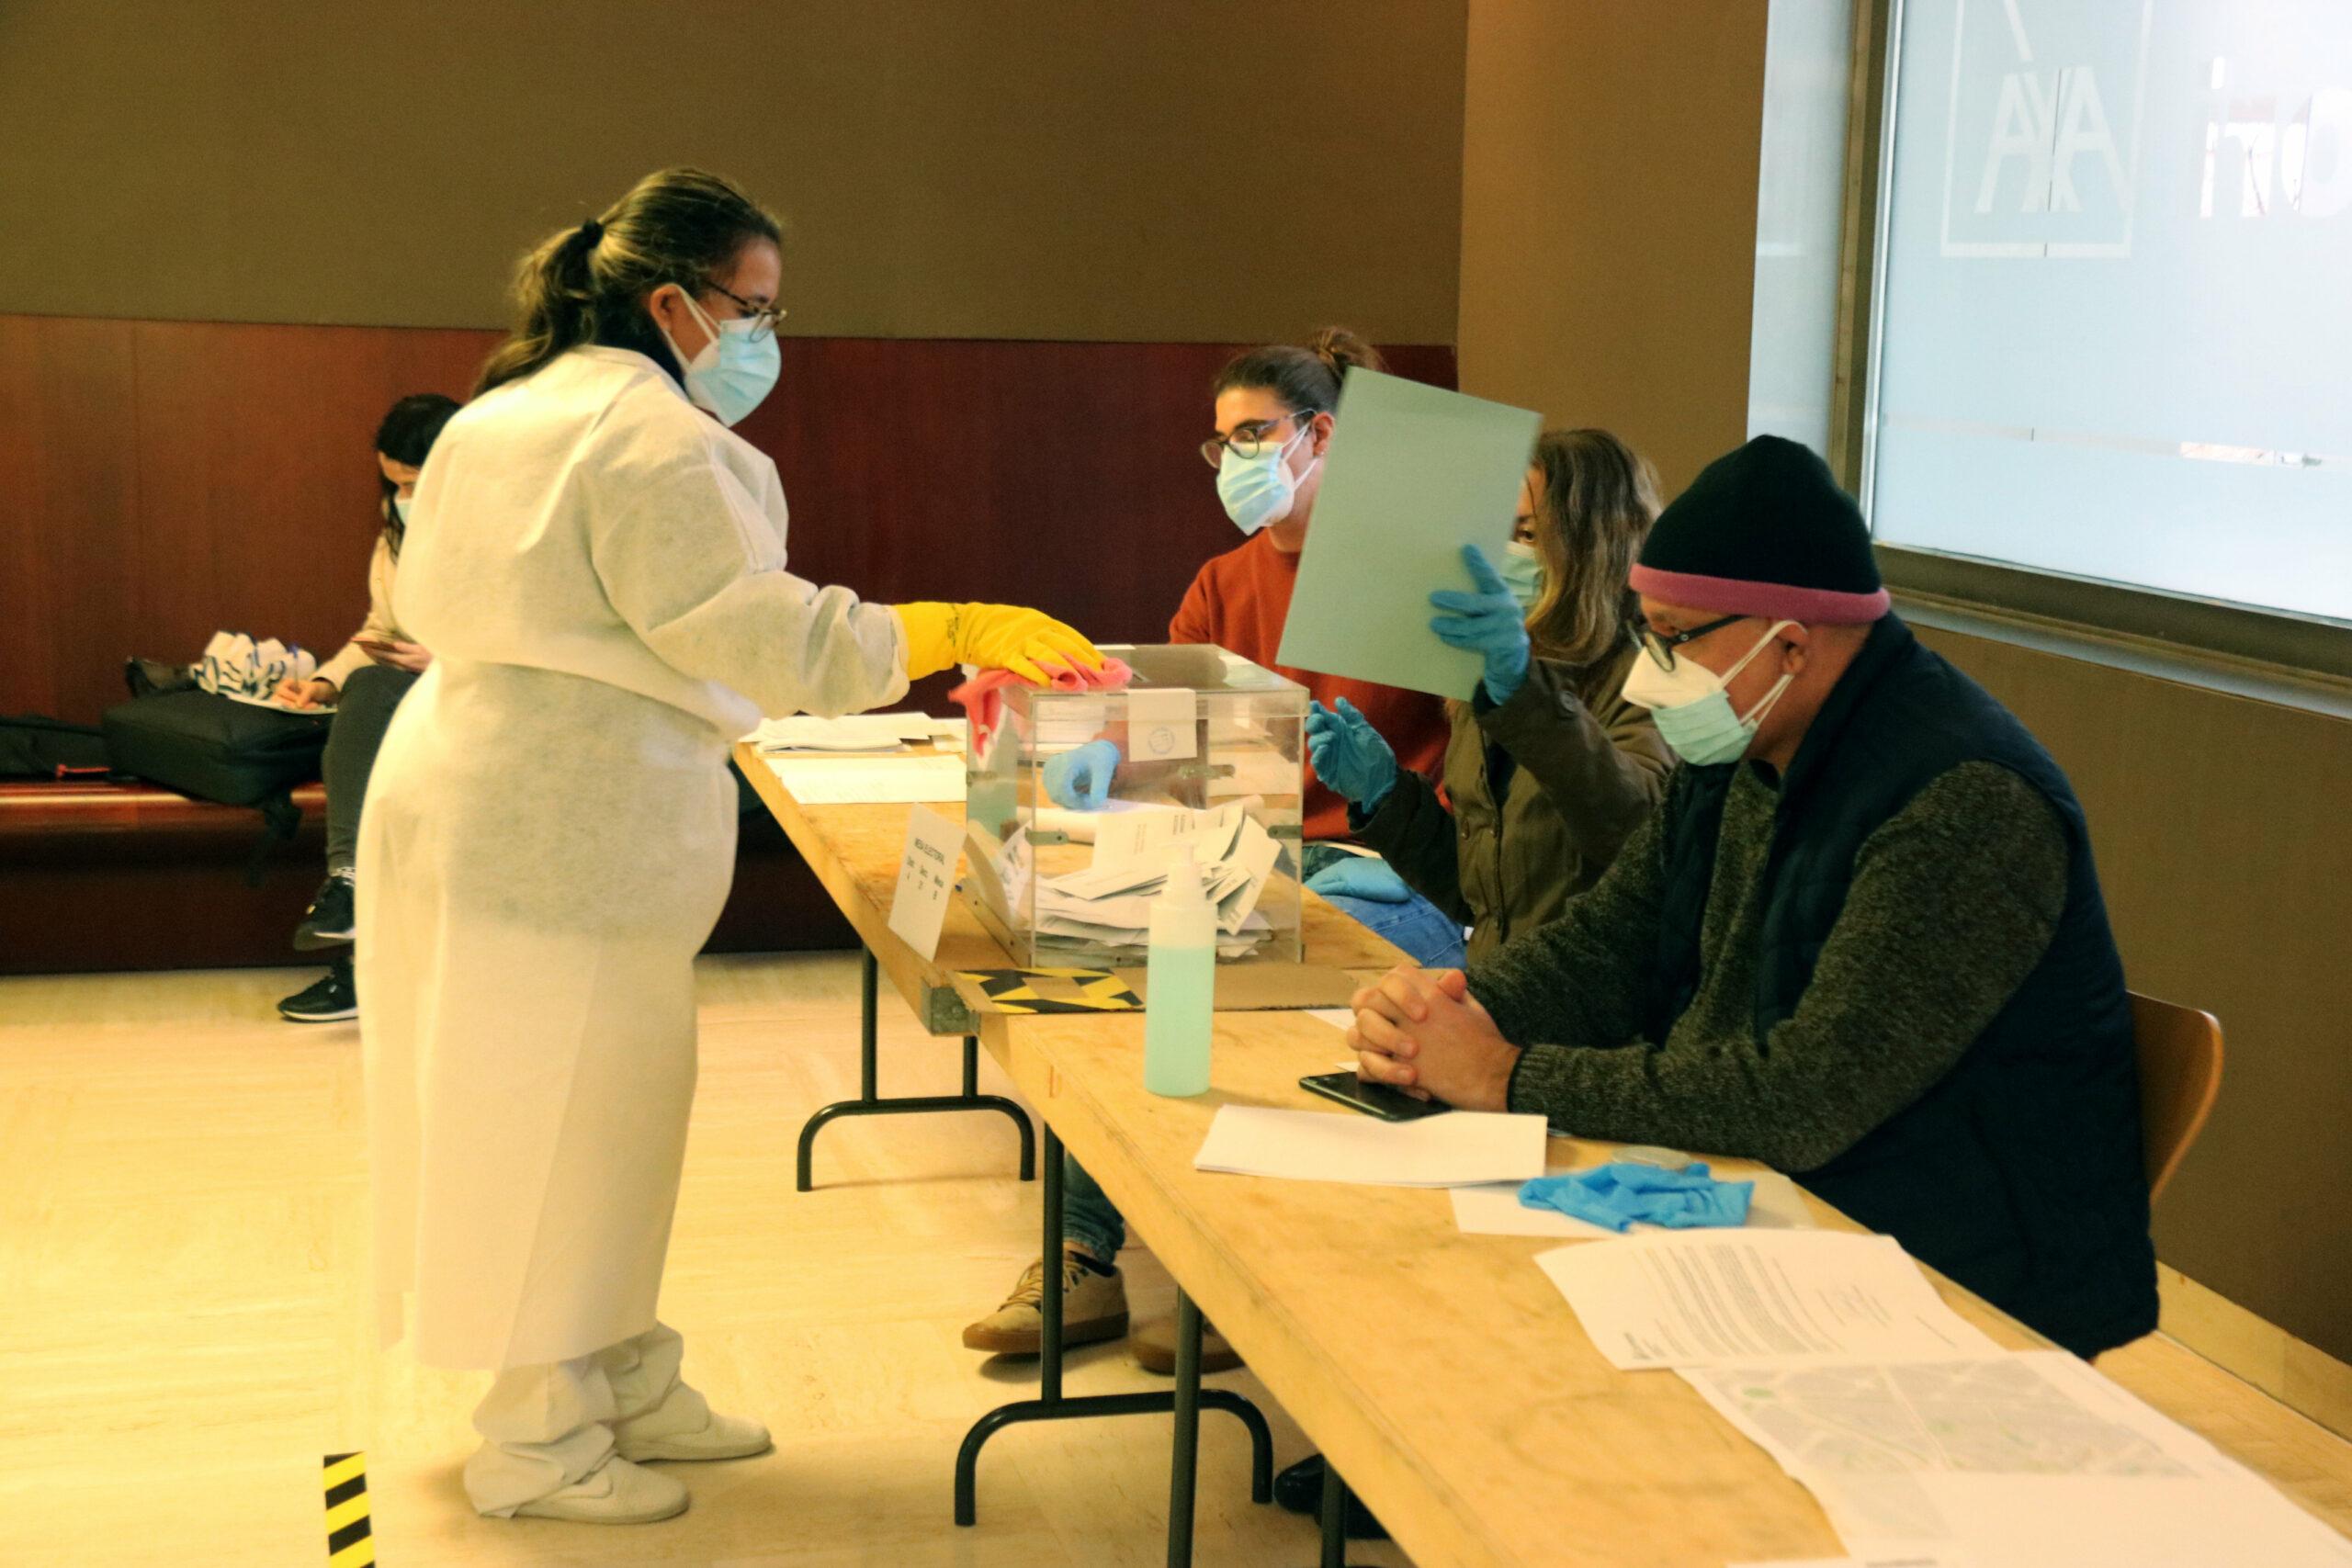 Personal de servei amb equips de protecció individual neteja una urna a l'auditori AXA | ACN